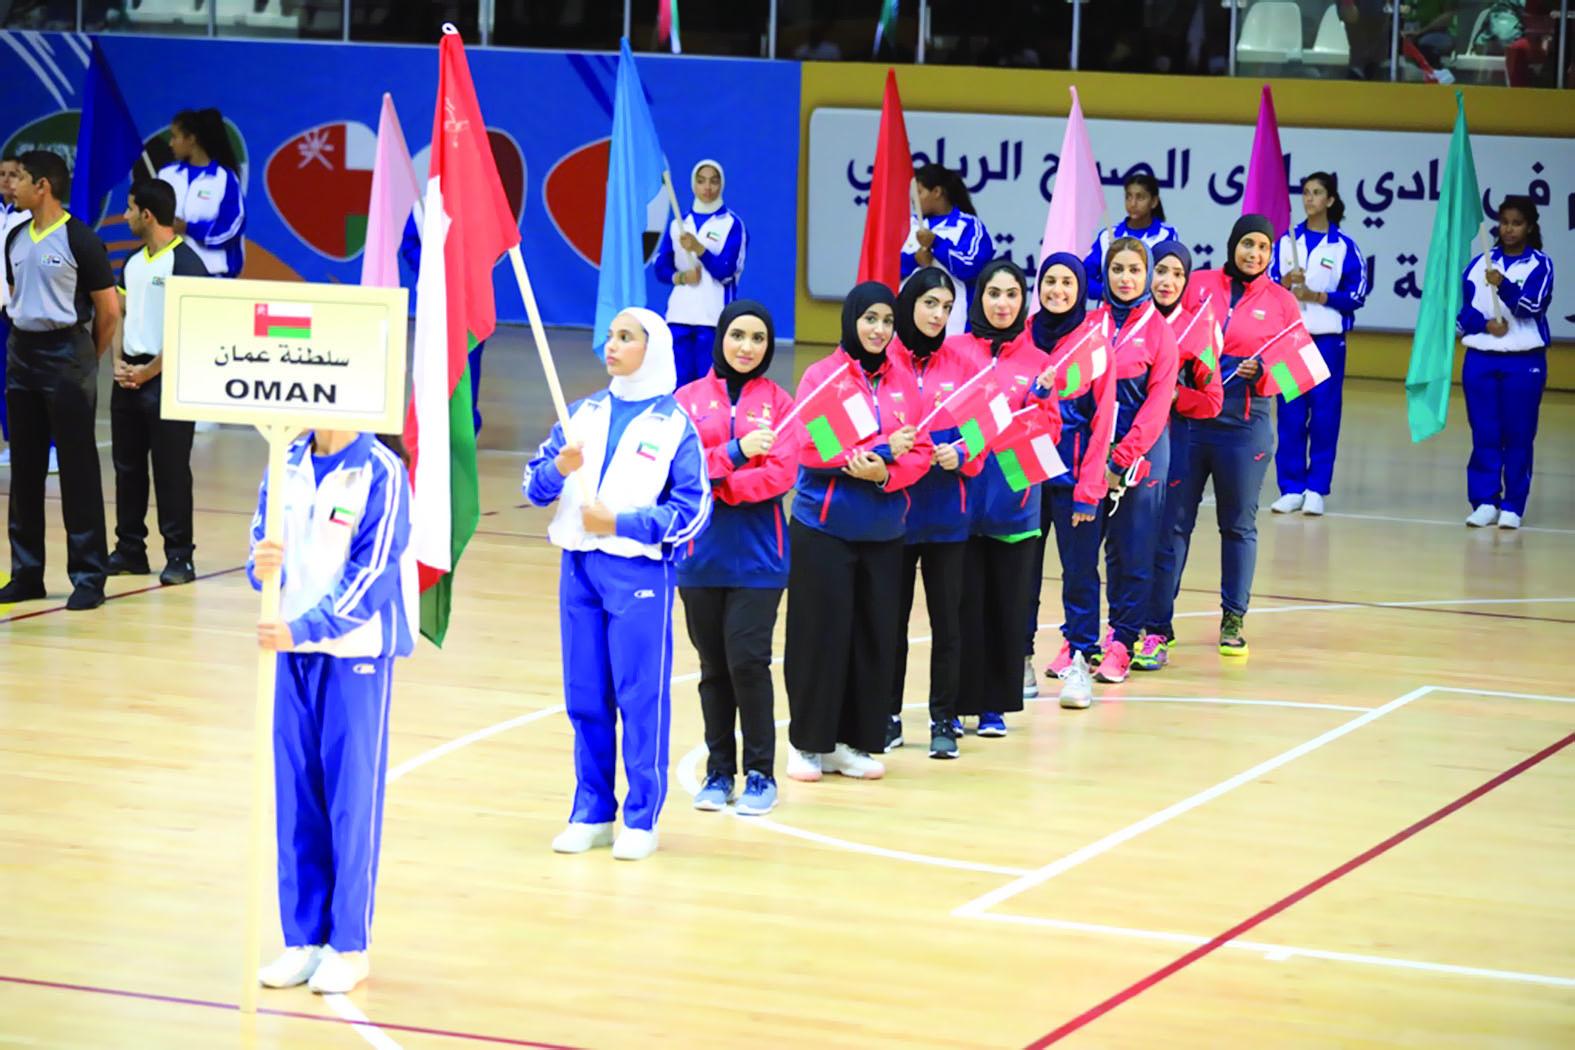 افتتاح مبسط للدورة السادسة لرياضة المرأة بالكويت